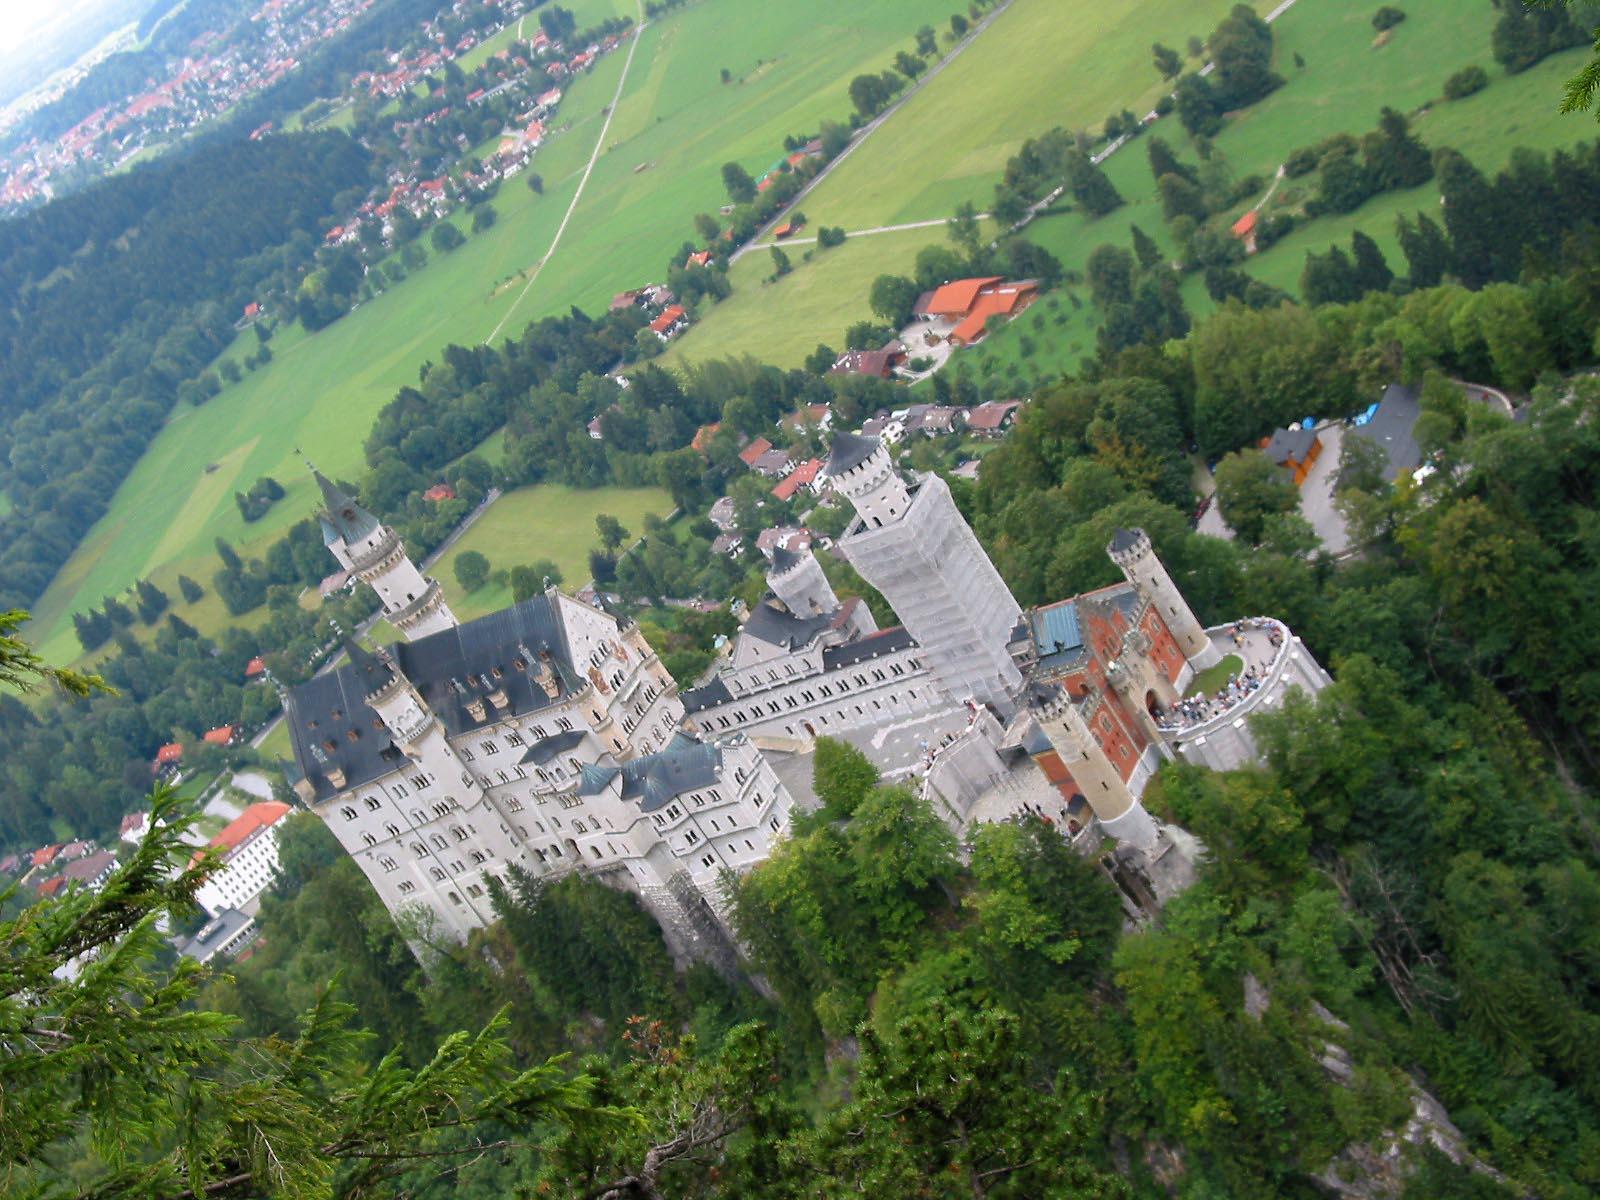 2003 neuschwanstein castle schwangau